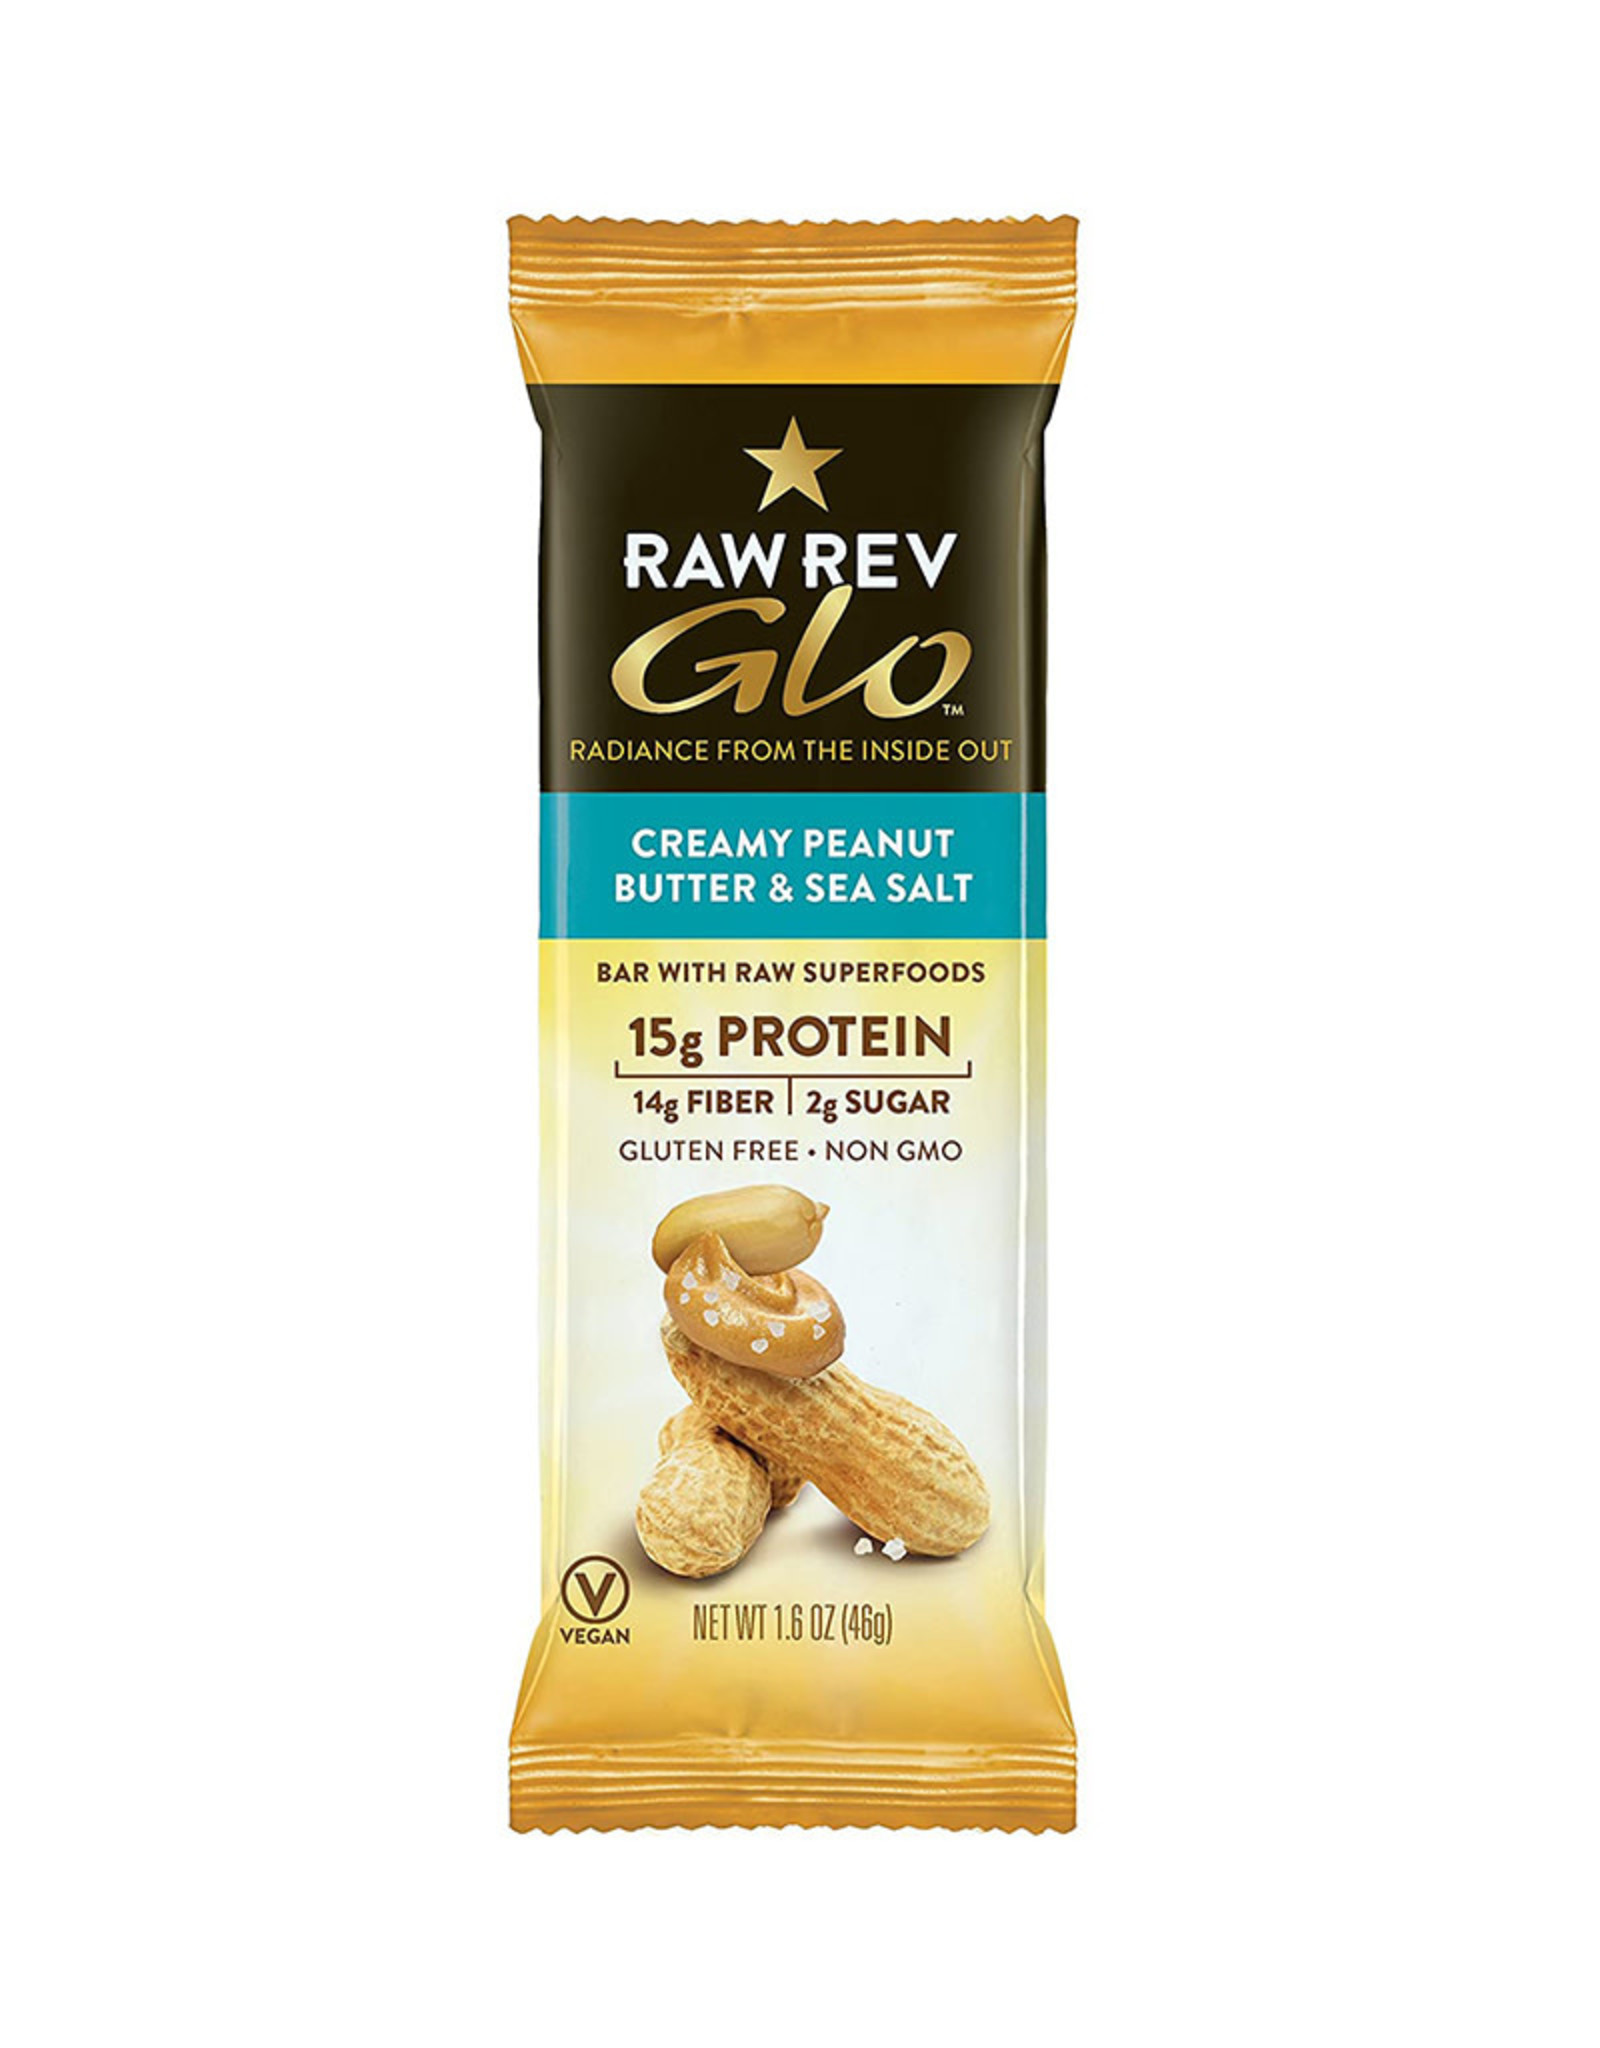 Raw Rev Raw Rev Bar, Creamy Peanut Butter & Sea Salt (46g)